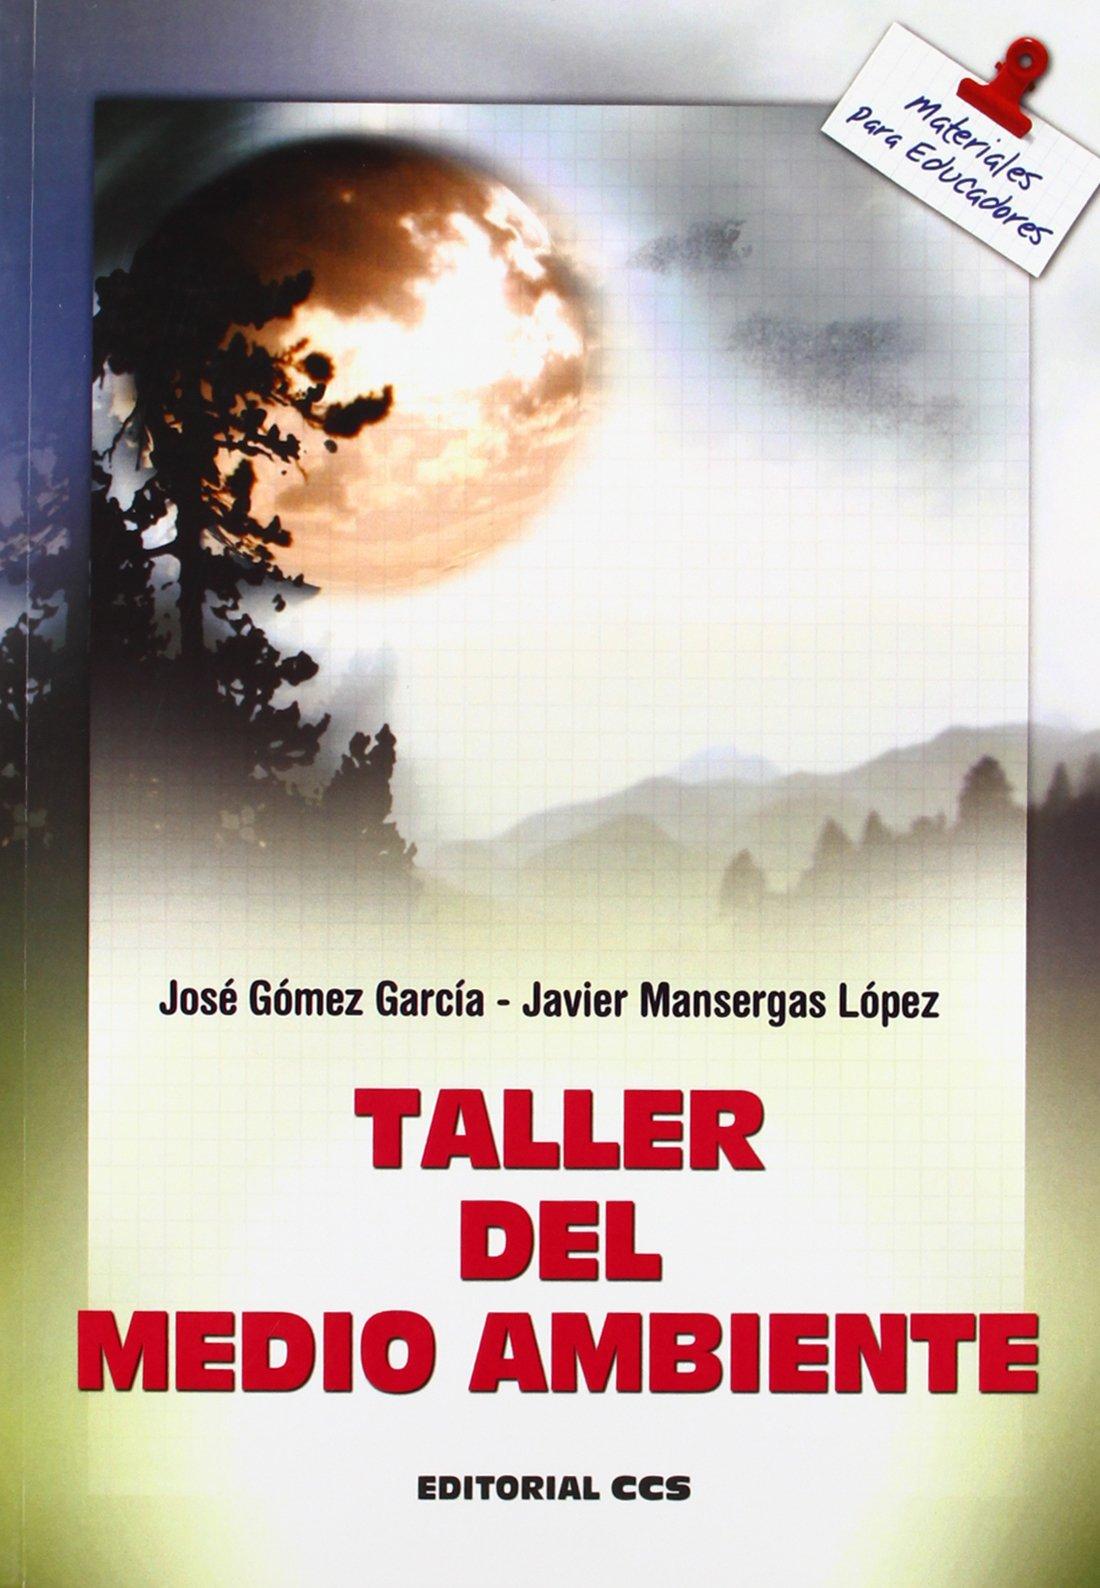 Taller del medio ambiente [Oct 24, 2011] Gómez García, José and Mansergas López, Javier pdf epub